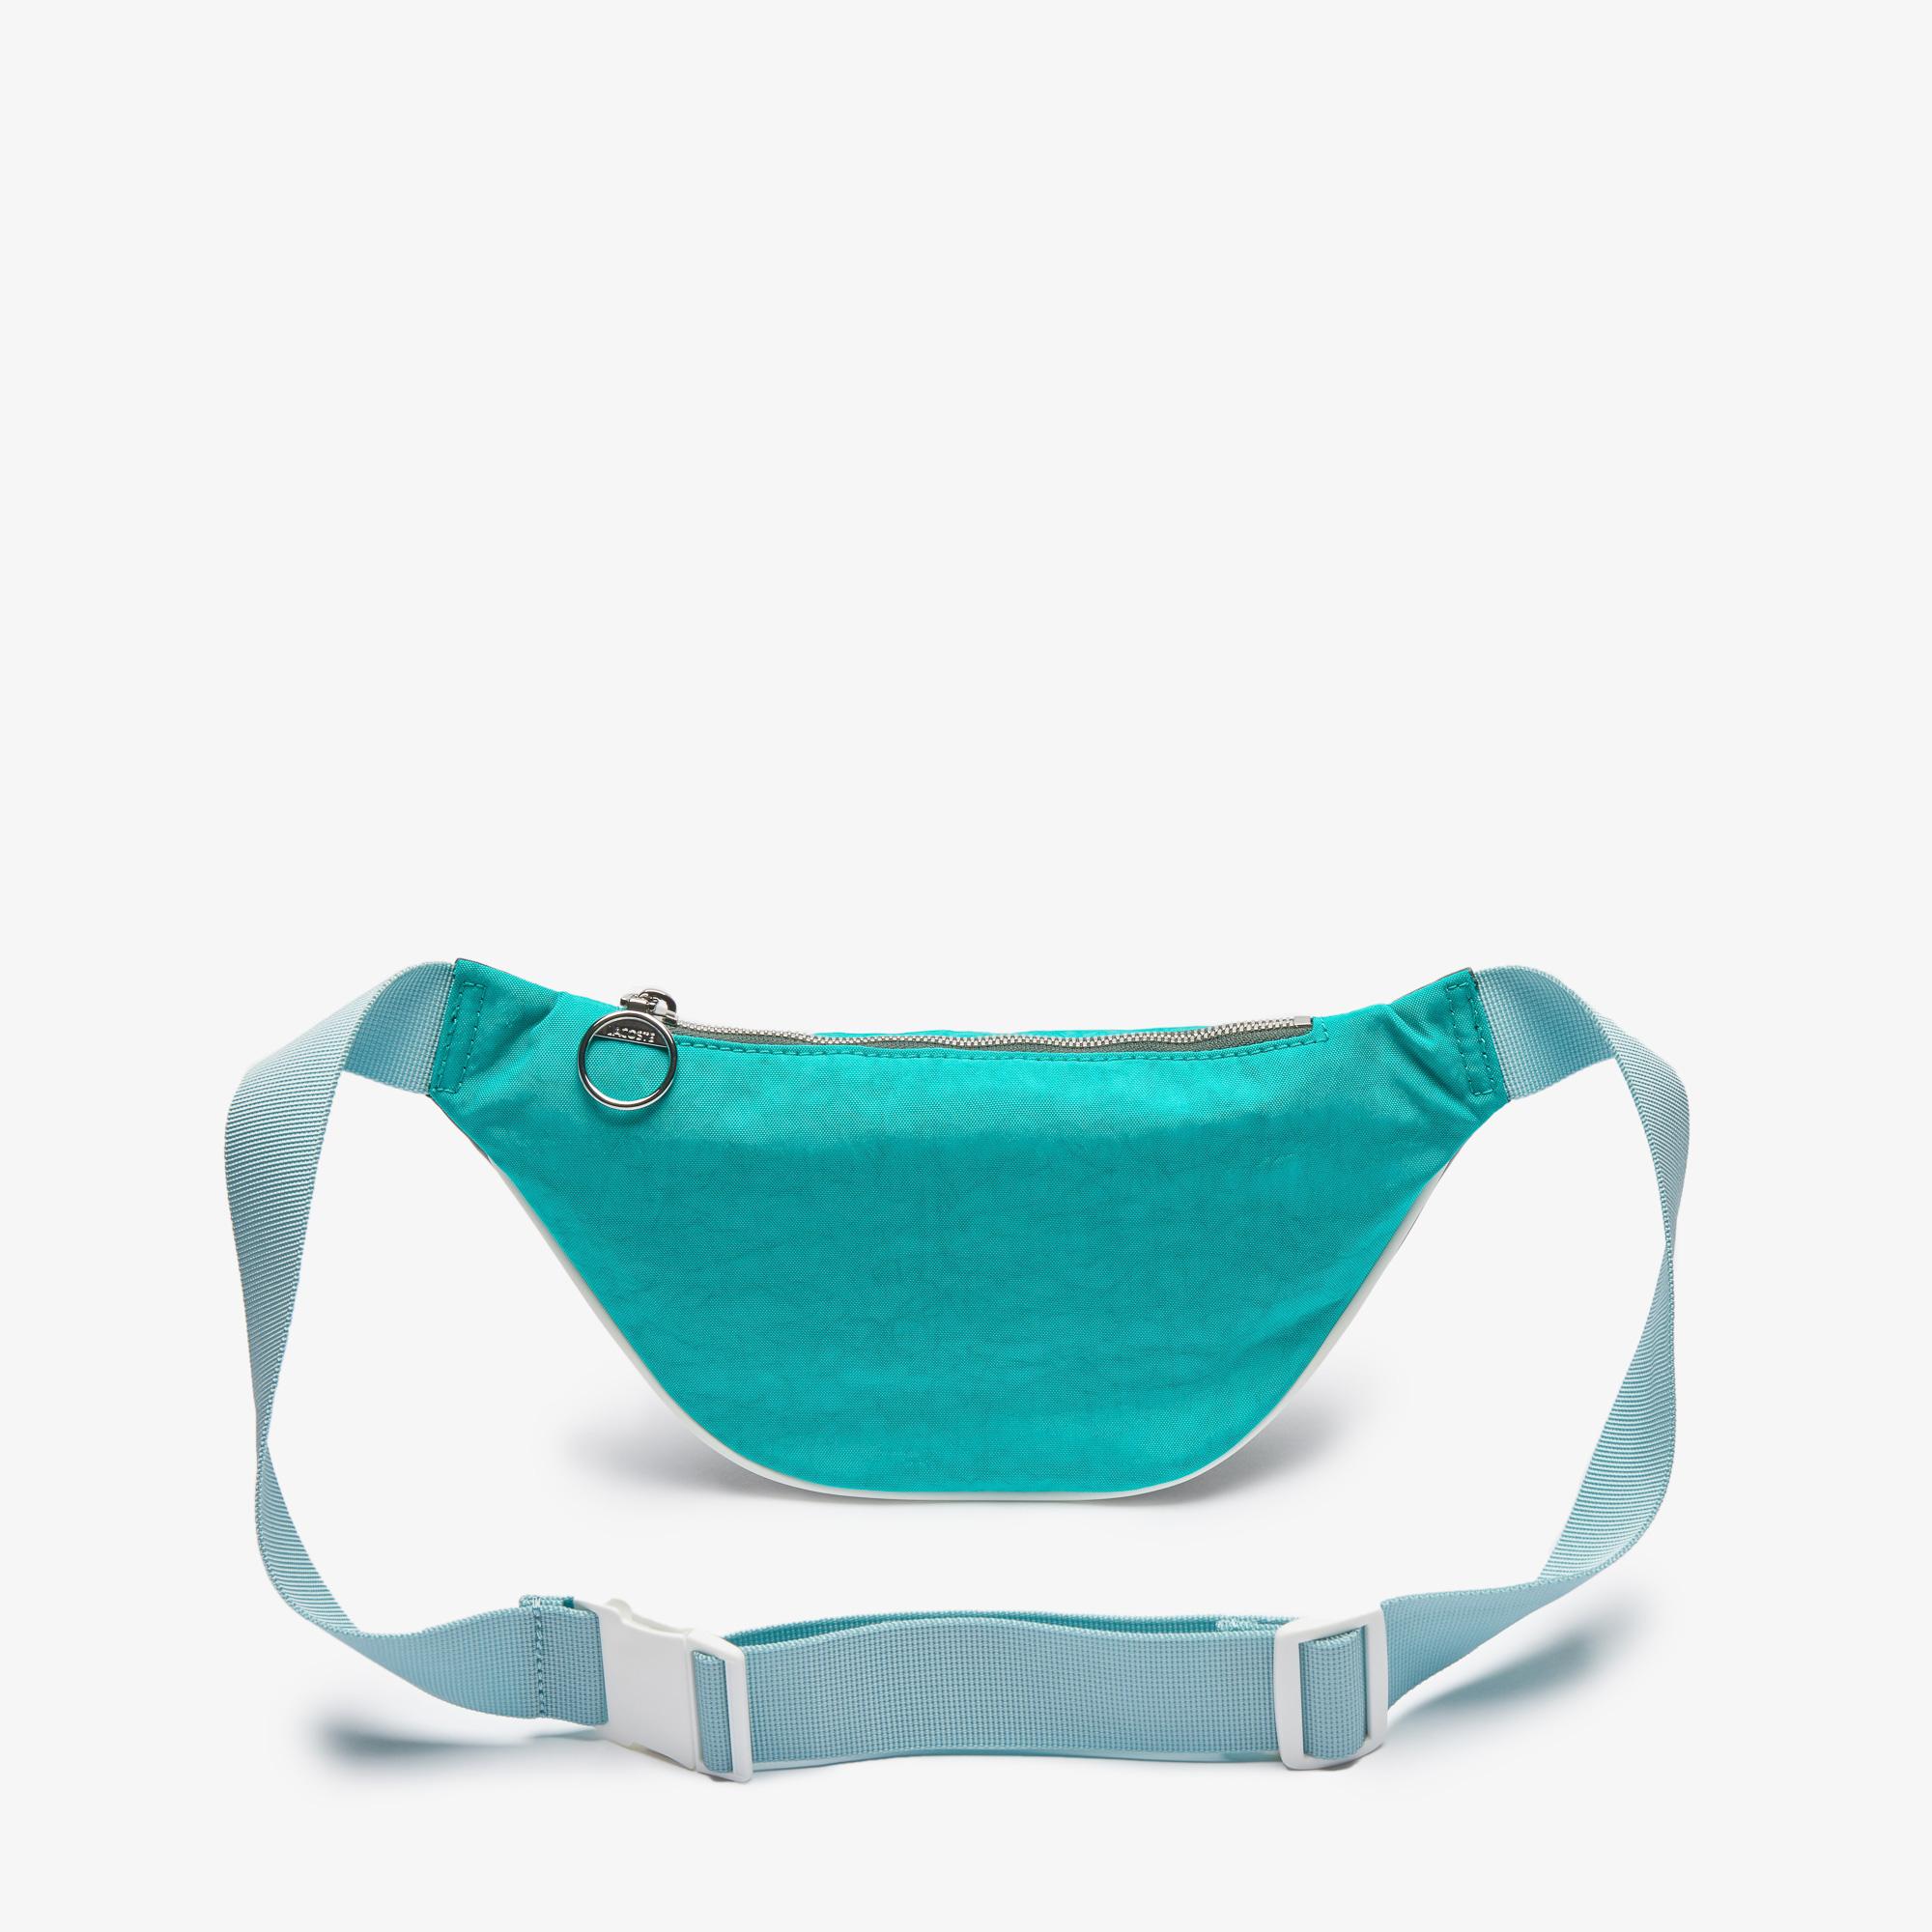 Lacoste Kadın Yeşil Bel Çantası